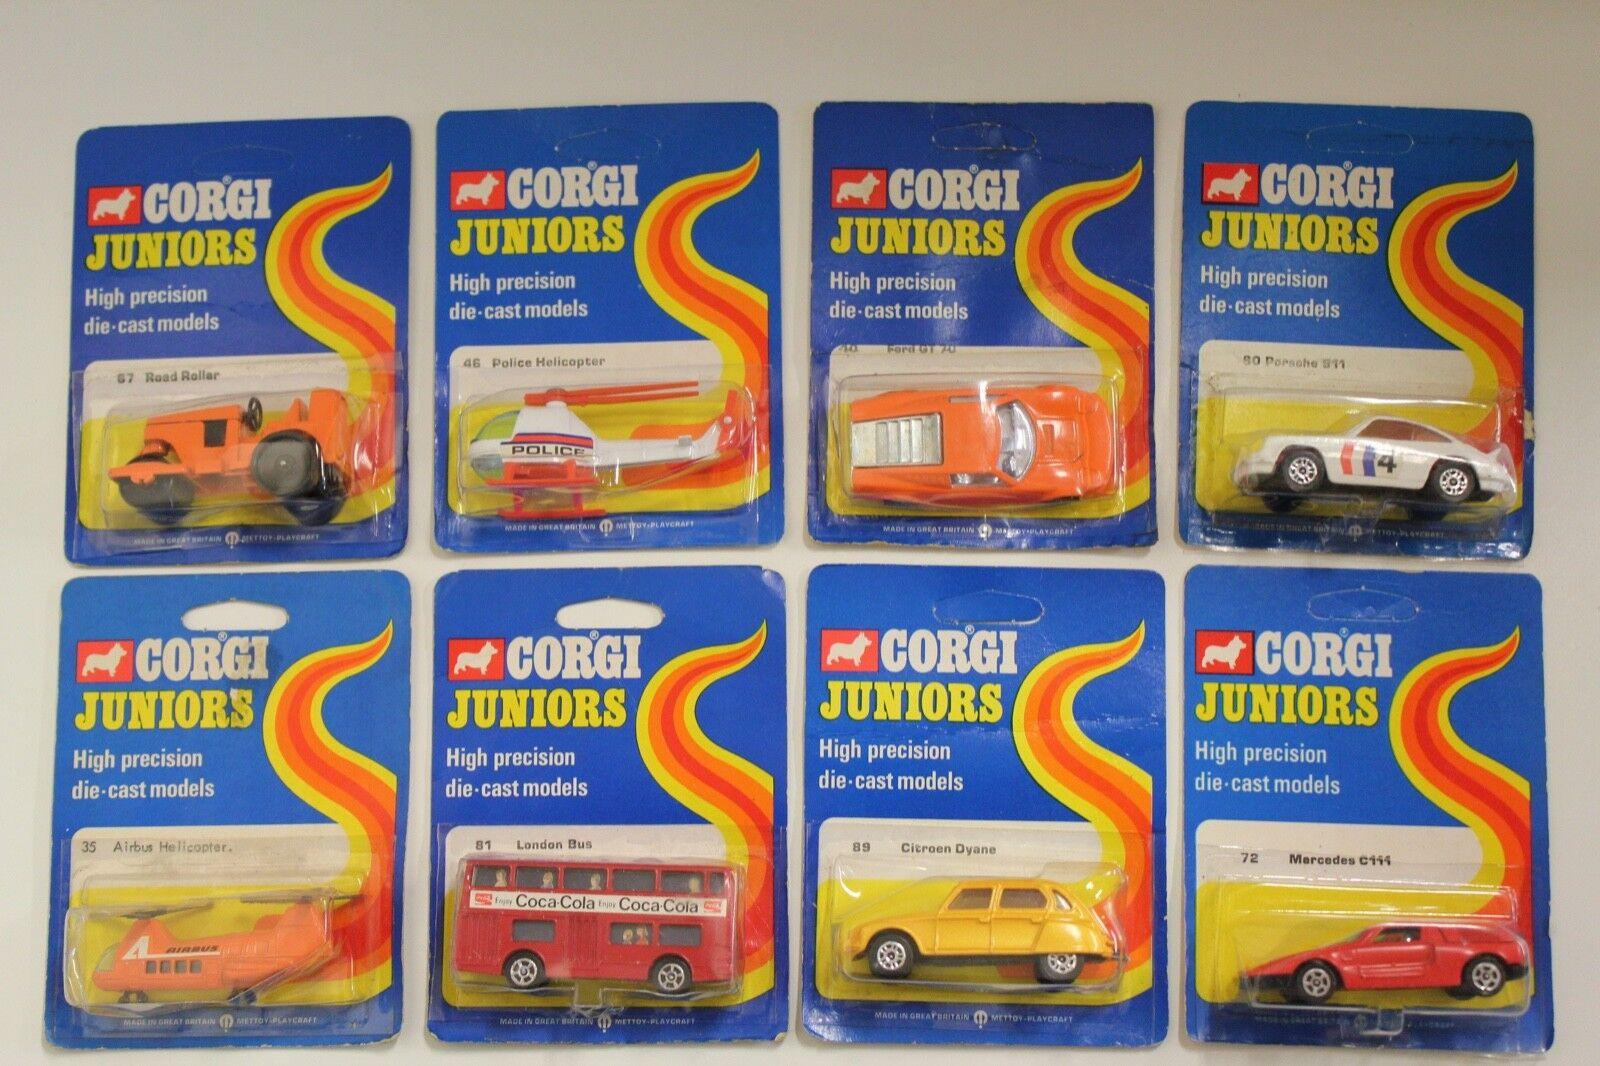 Corgi Juniors X8   10 10 10 35 46 67 72 80 81 89  (UNOPENED Original 1973) GREAT DEAL  422cd7